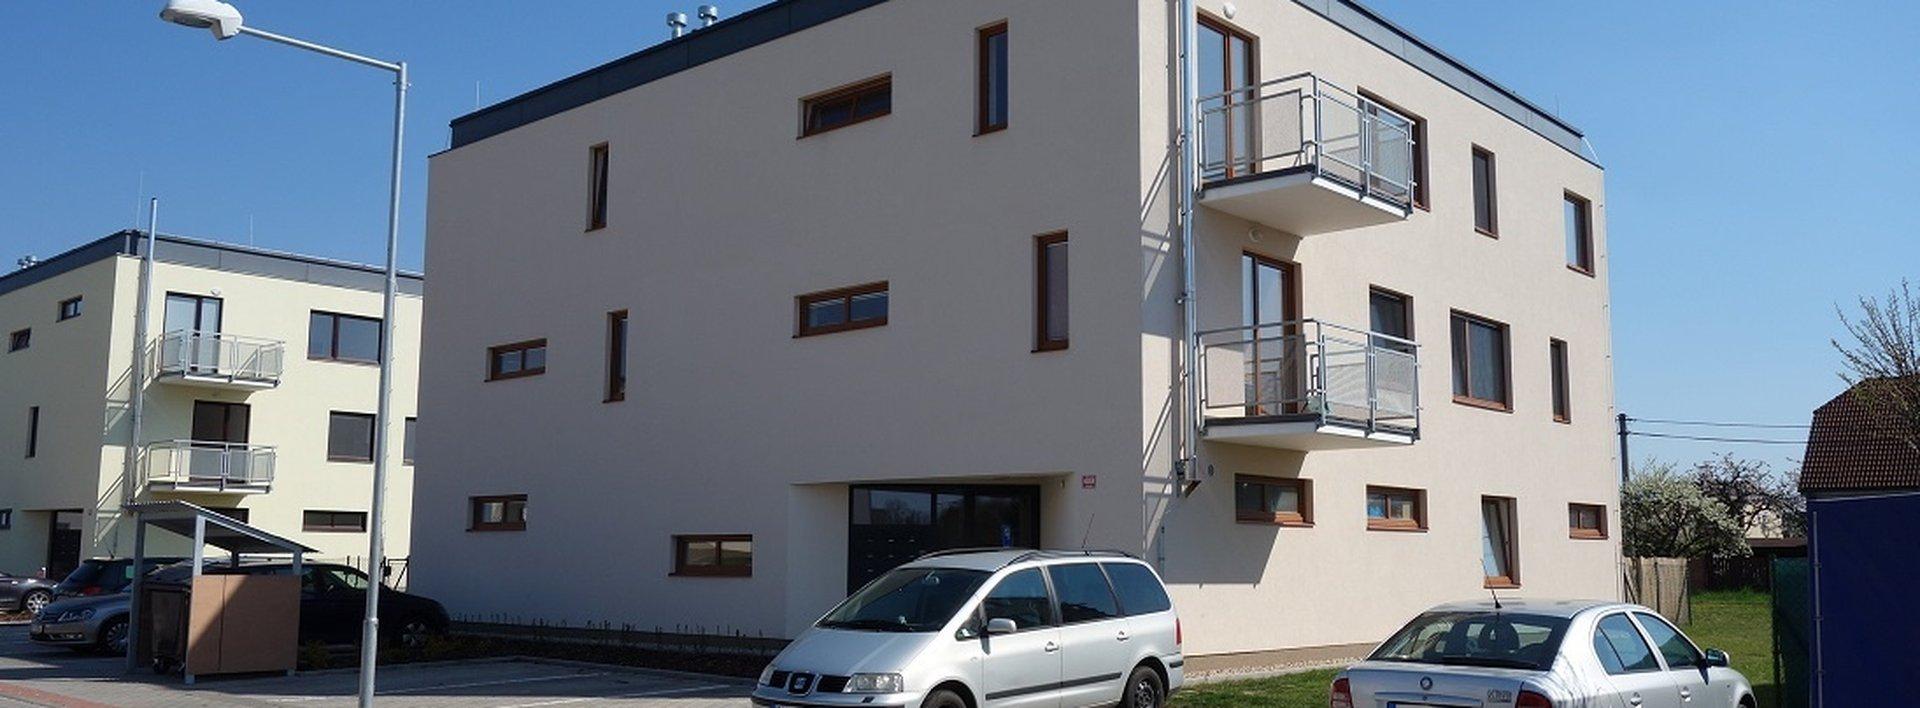 Byt 2+kk s předzahrádkou a parkovacím stáním v novostavbě, 106 m², Stěžery, Ev.č.: N48747